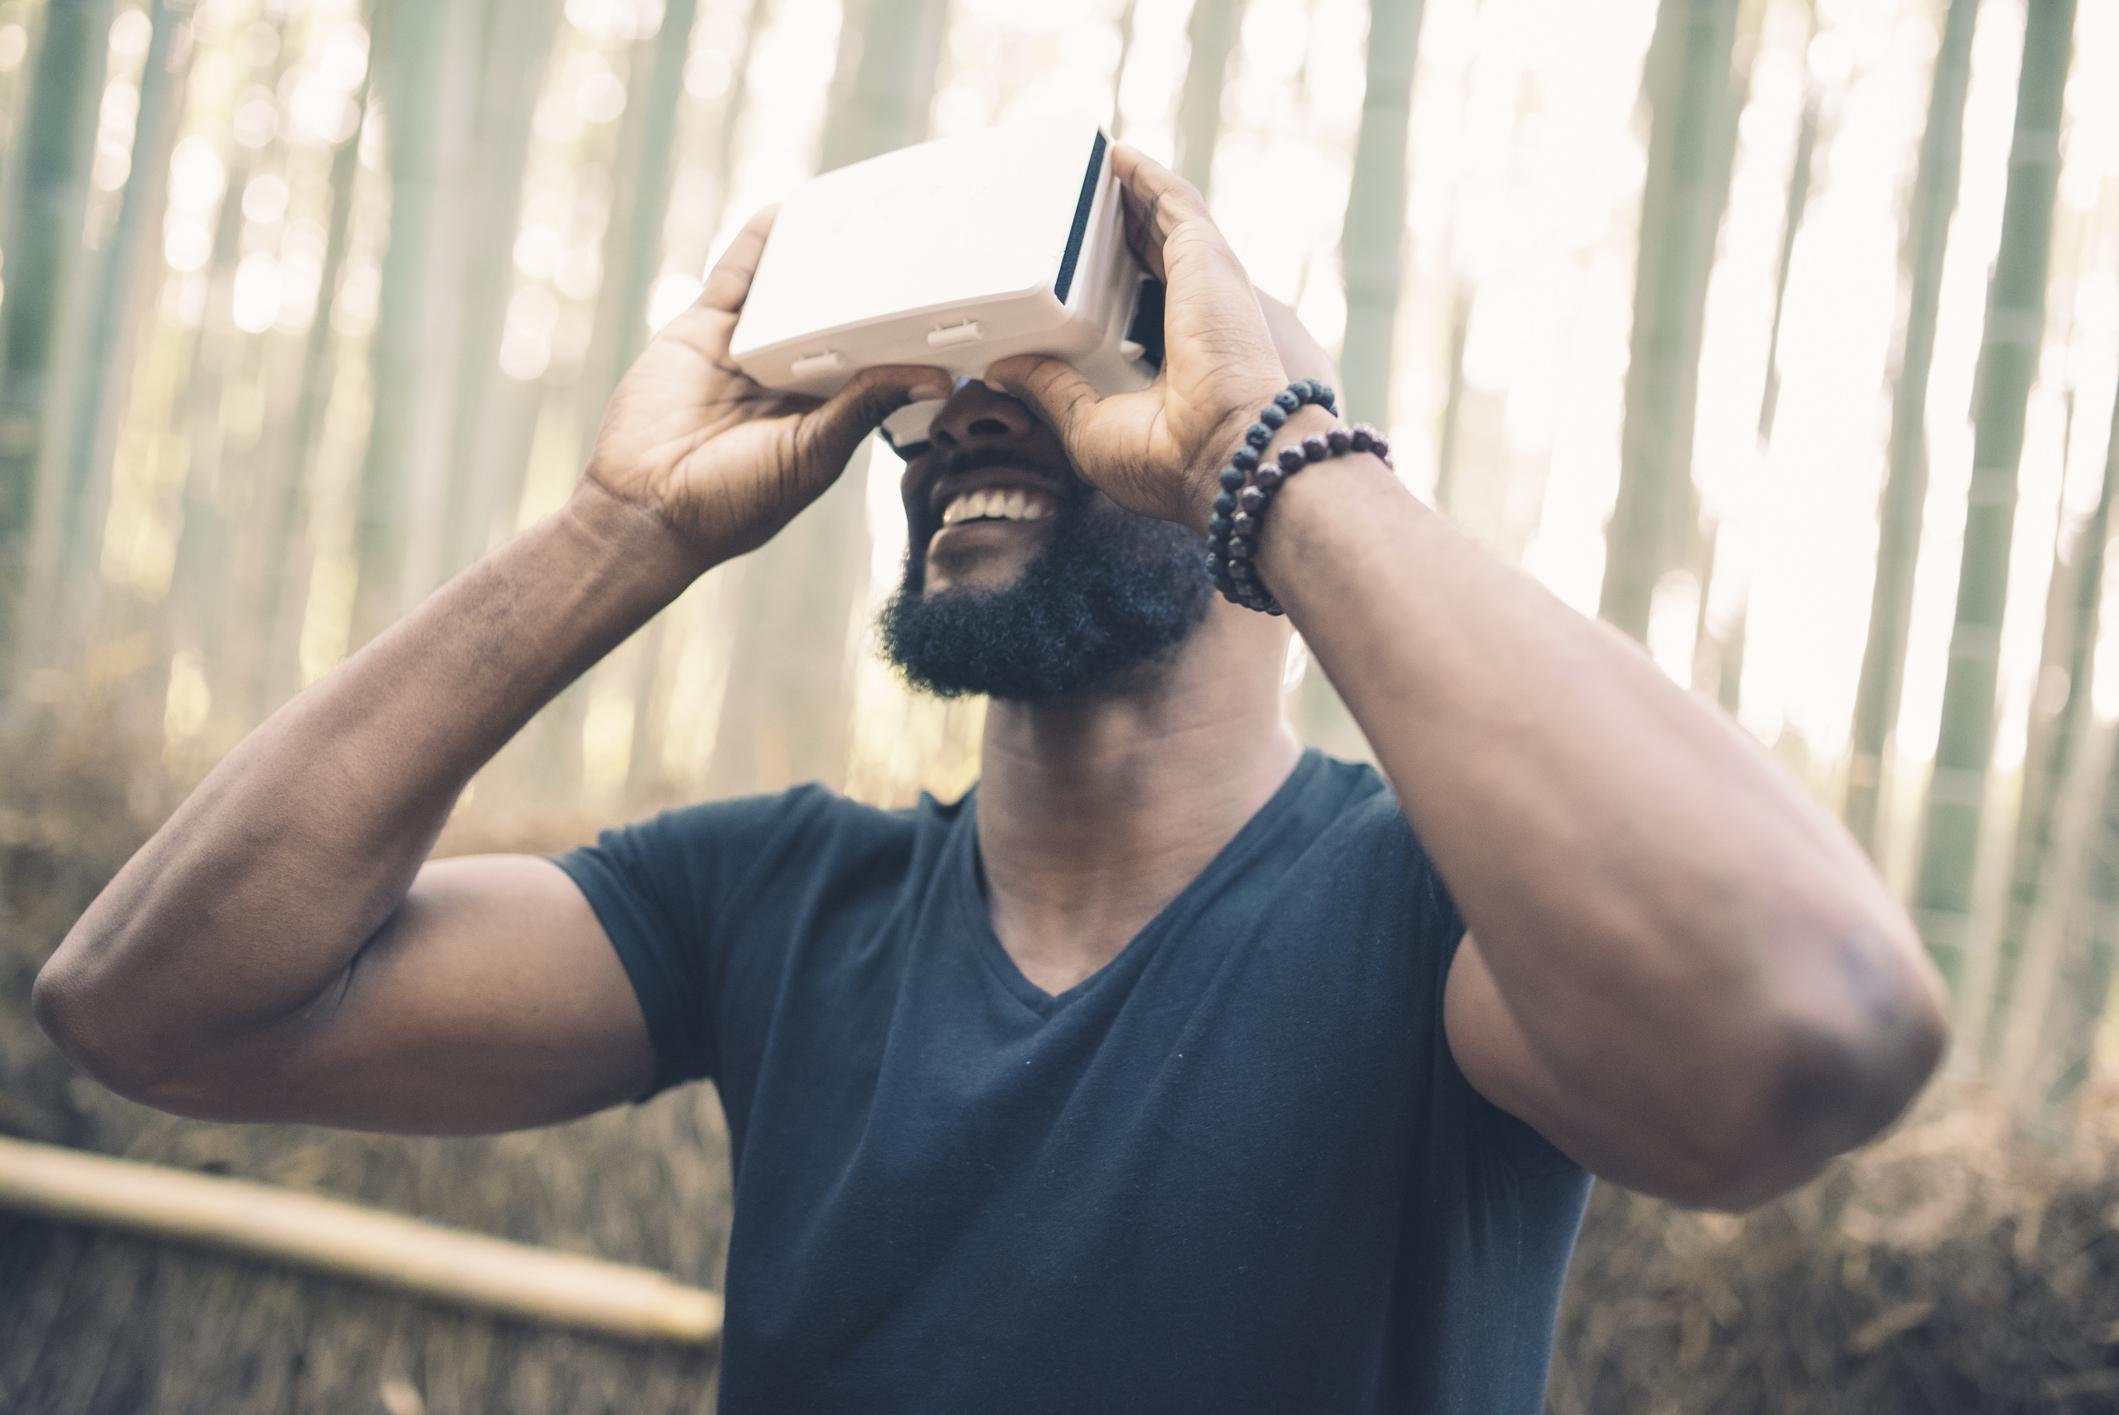 A man looking through VR googles